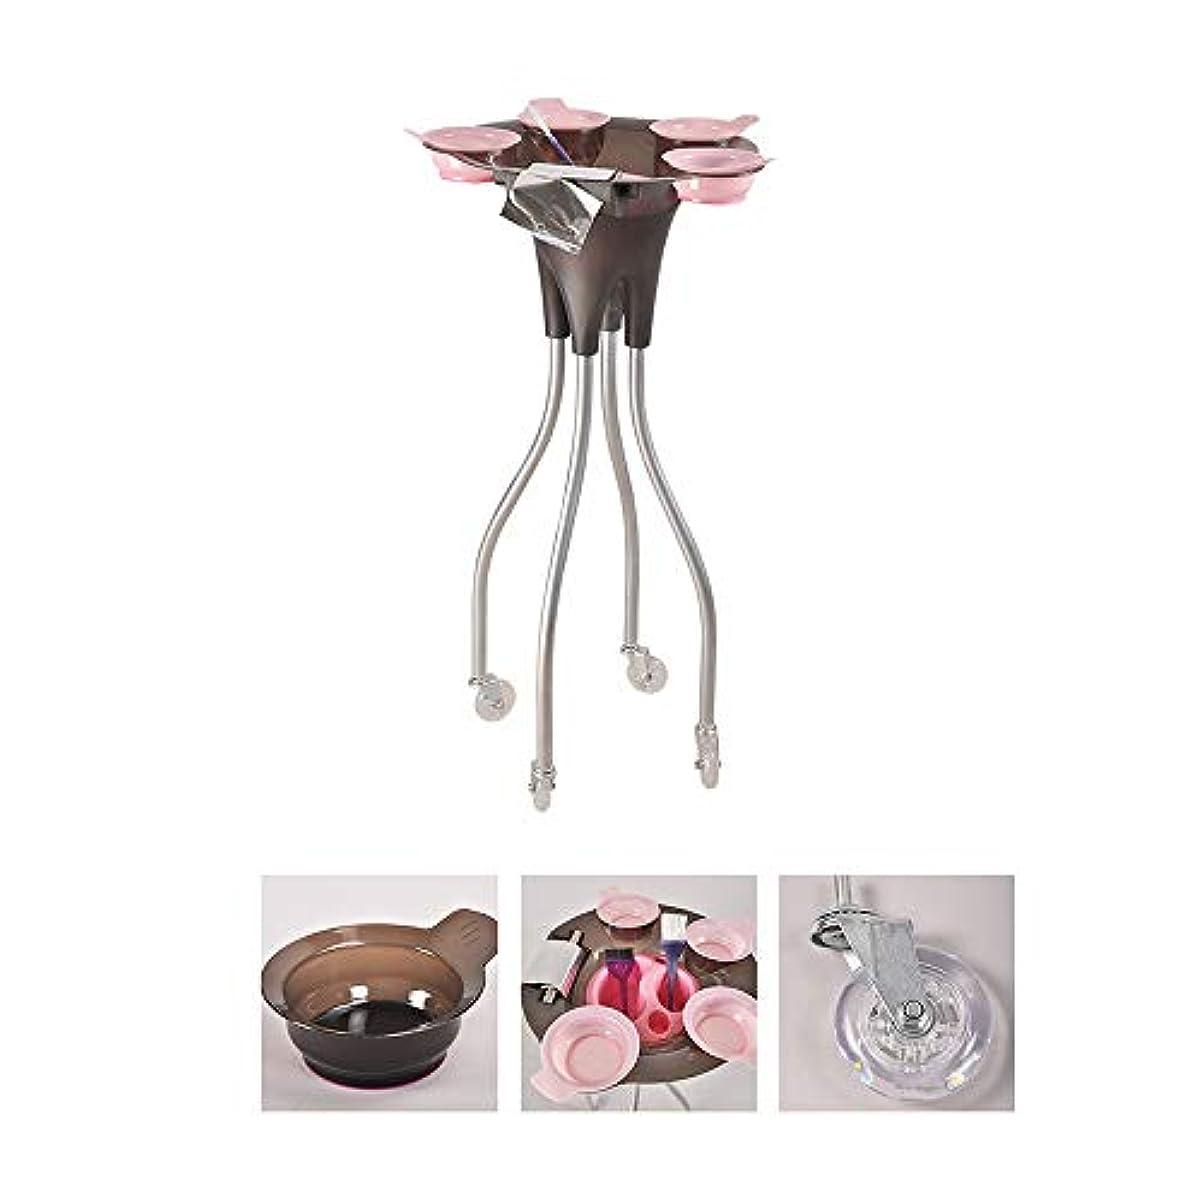 直径思われるなす4つの車輪が付いている大広間の美容院のトロリー、毛色の染料のボールが付いている美の皿の携帯用実用的なカート、SPAの貯蔵の毛の付属品のホールダー